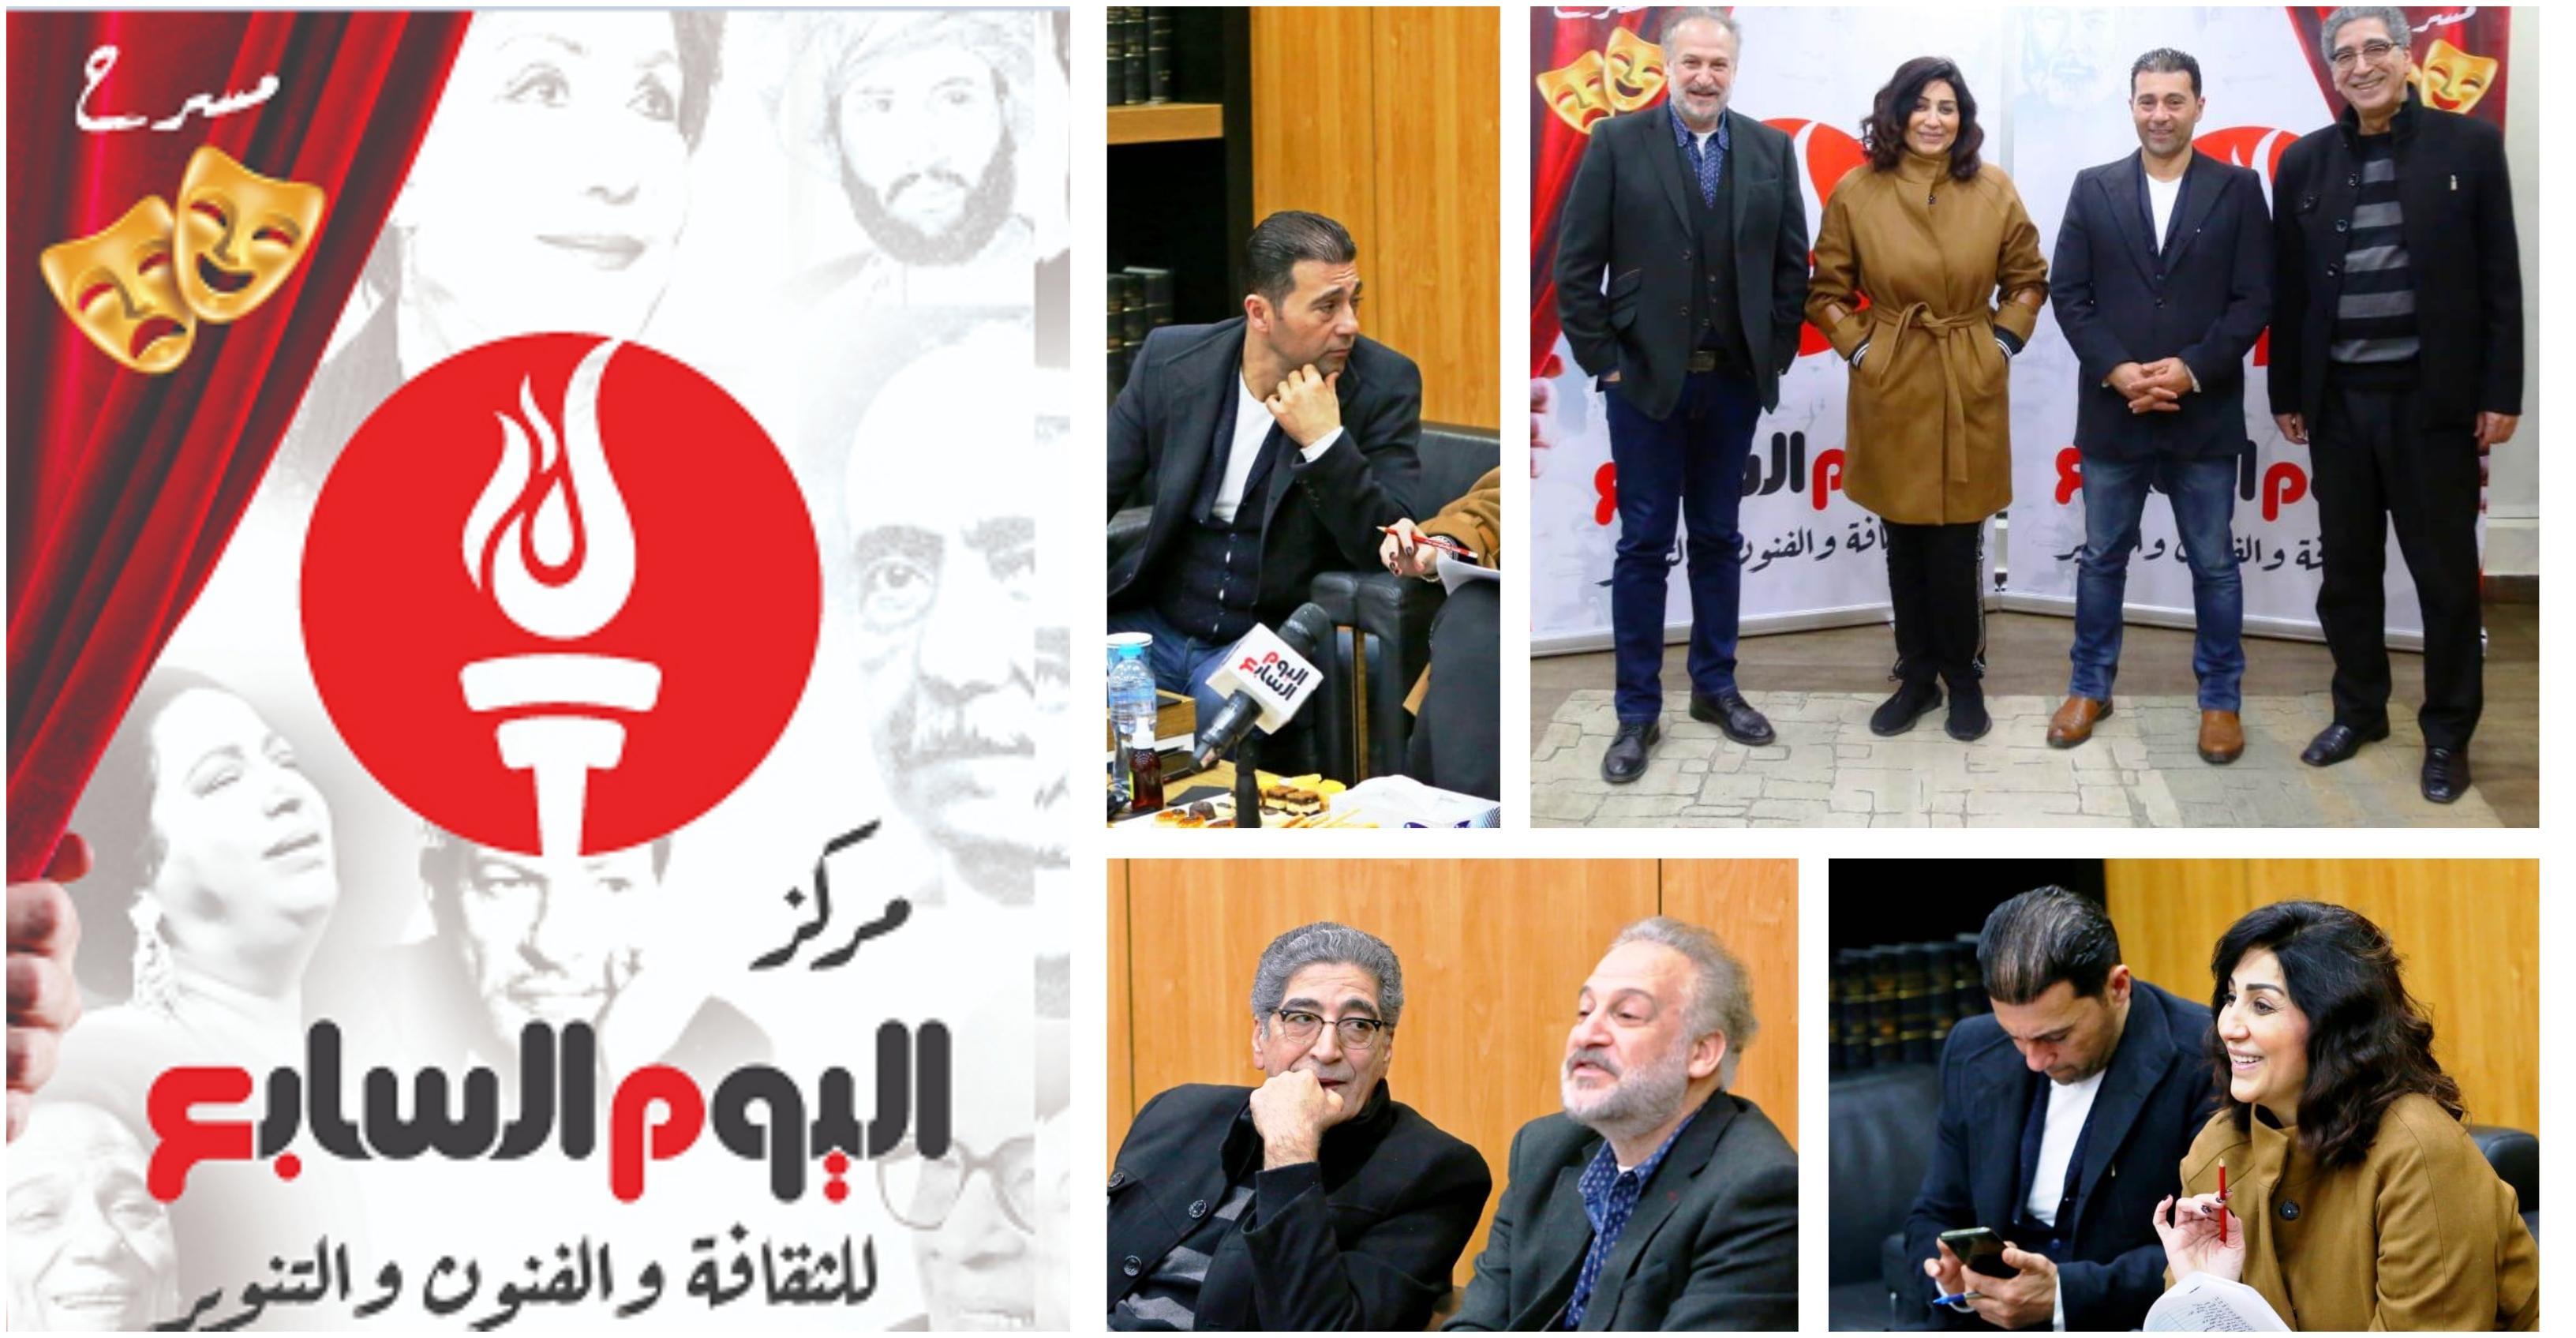 لجنة تحكيم اختبارات فرقة اليوم السابع المسرحية